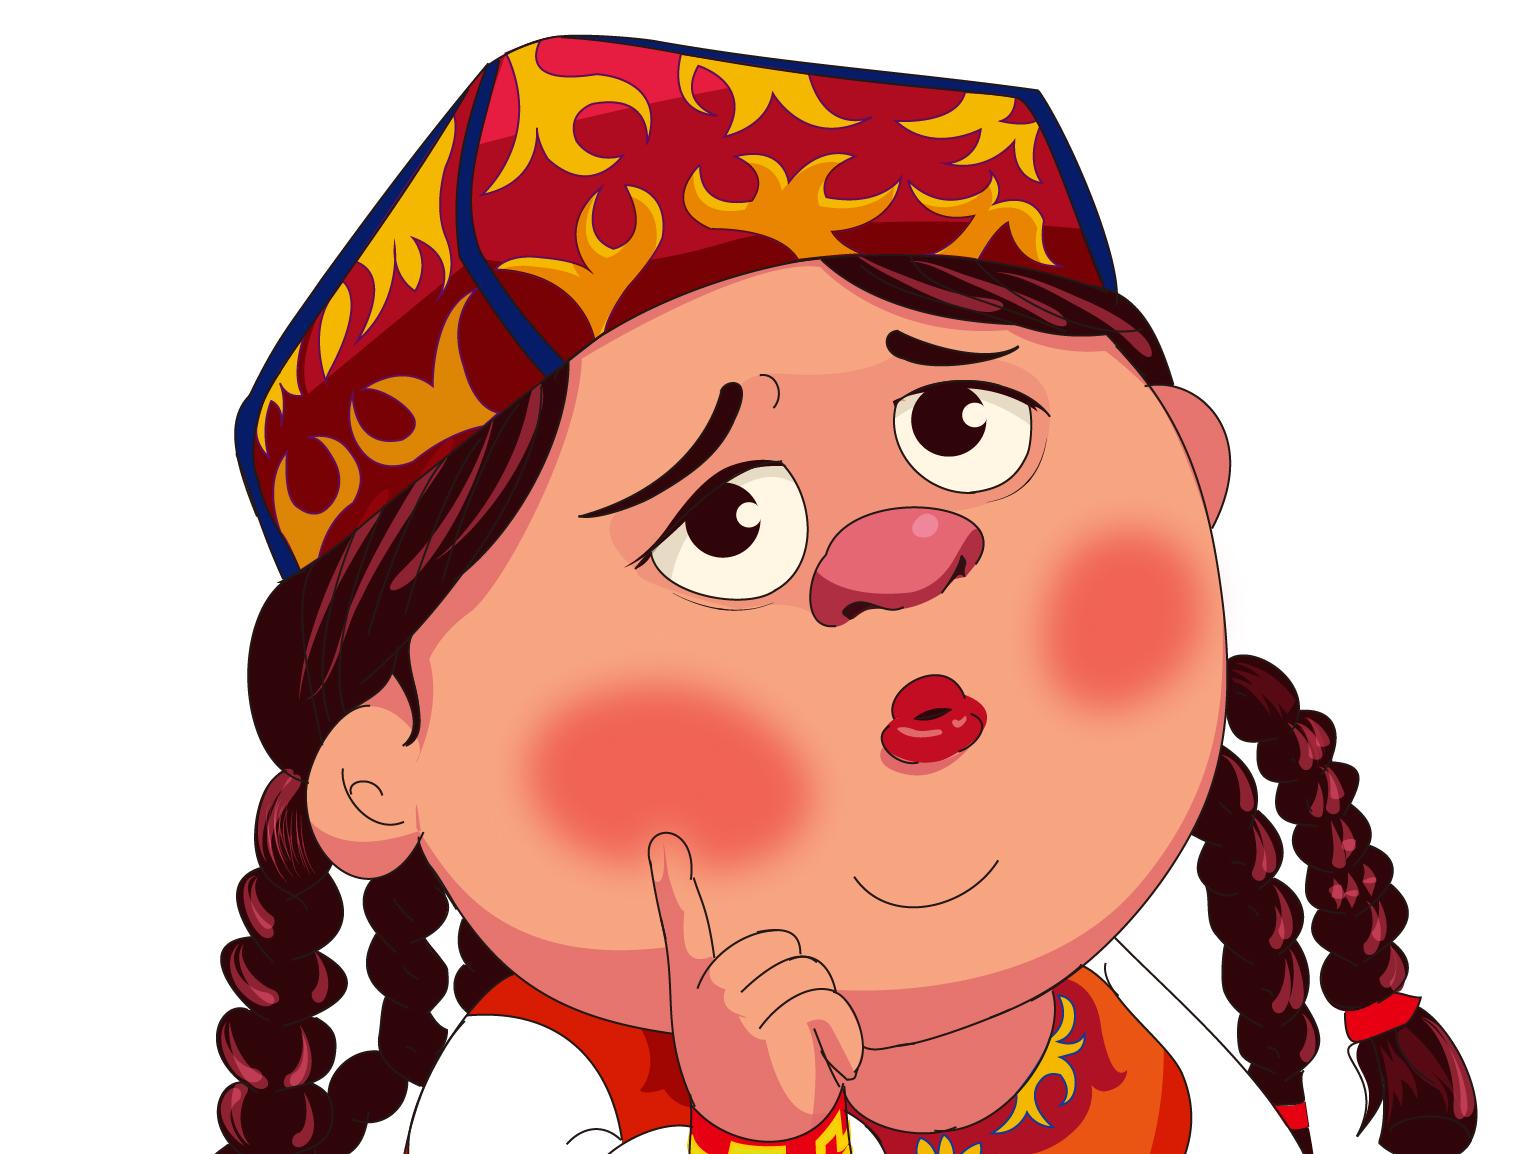 维吾尔族卡通人形象设计